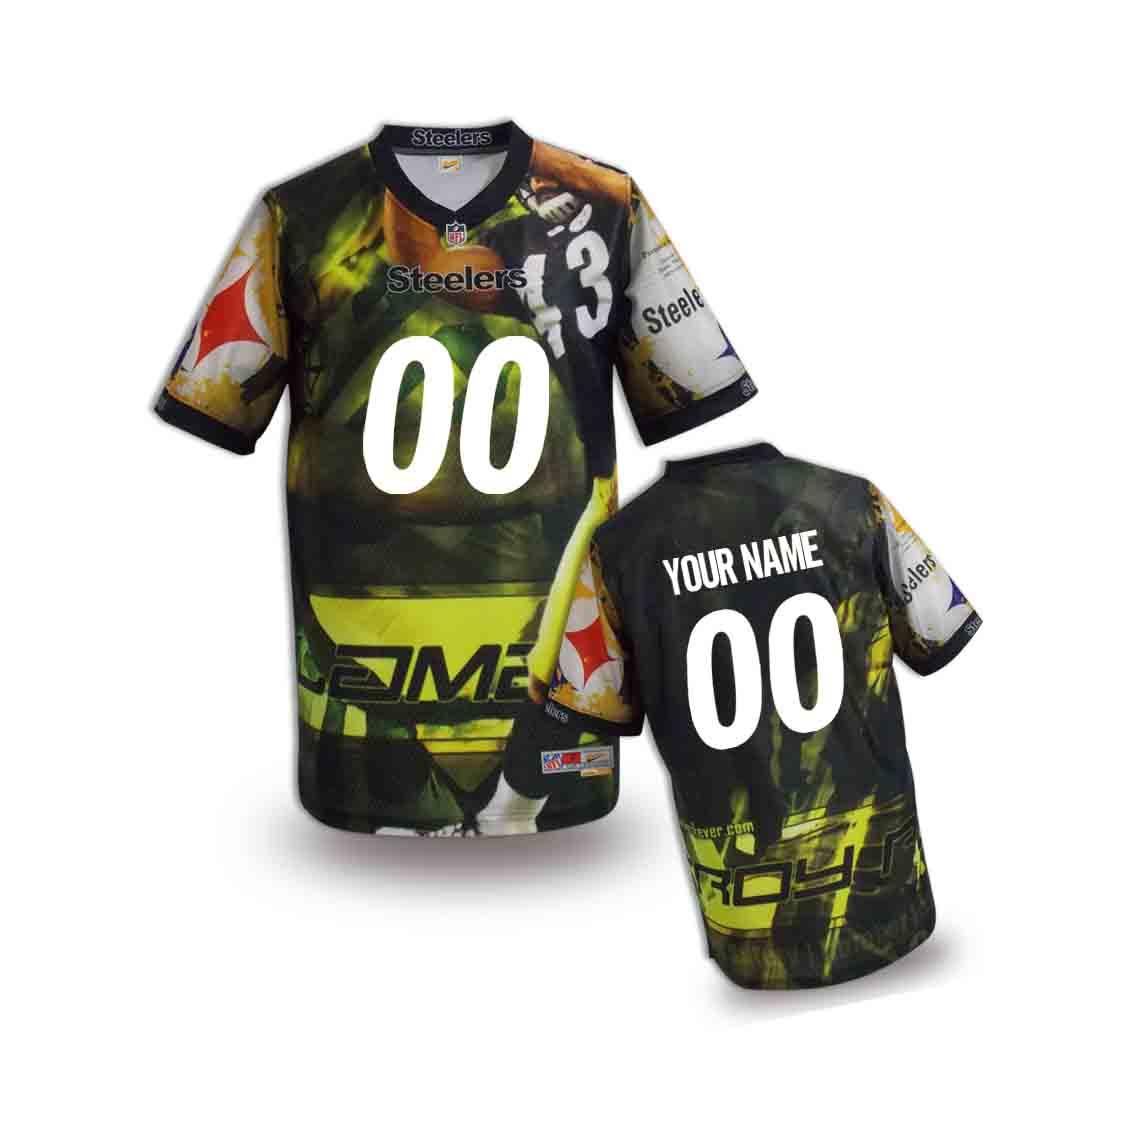 Nike Steelers Customized Fashion Stitched Youth Jerseys06